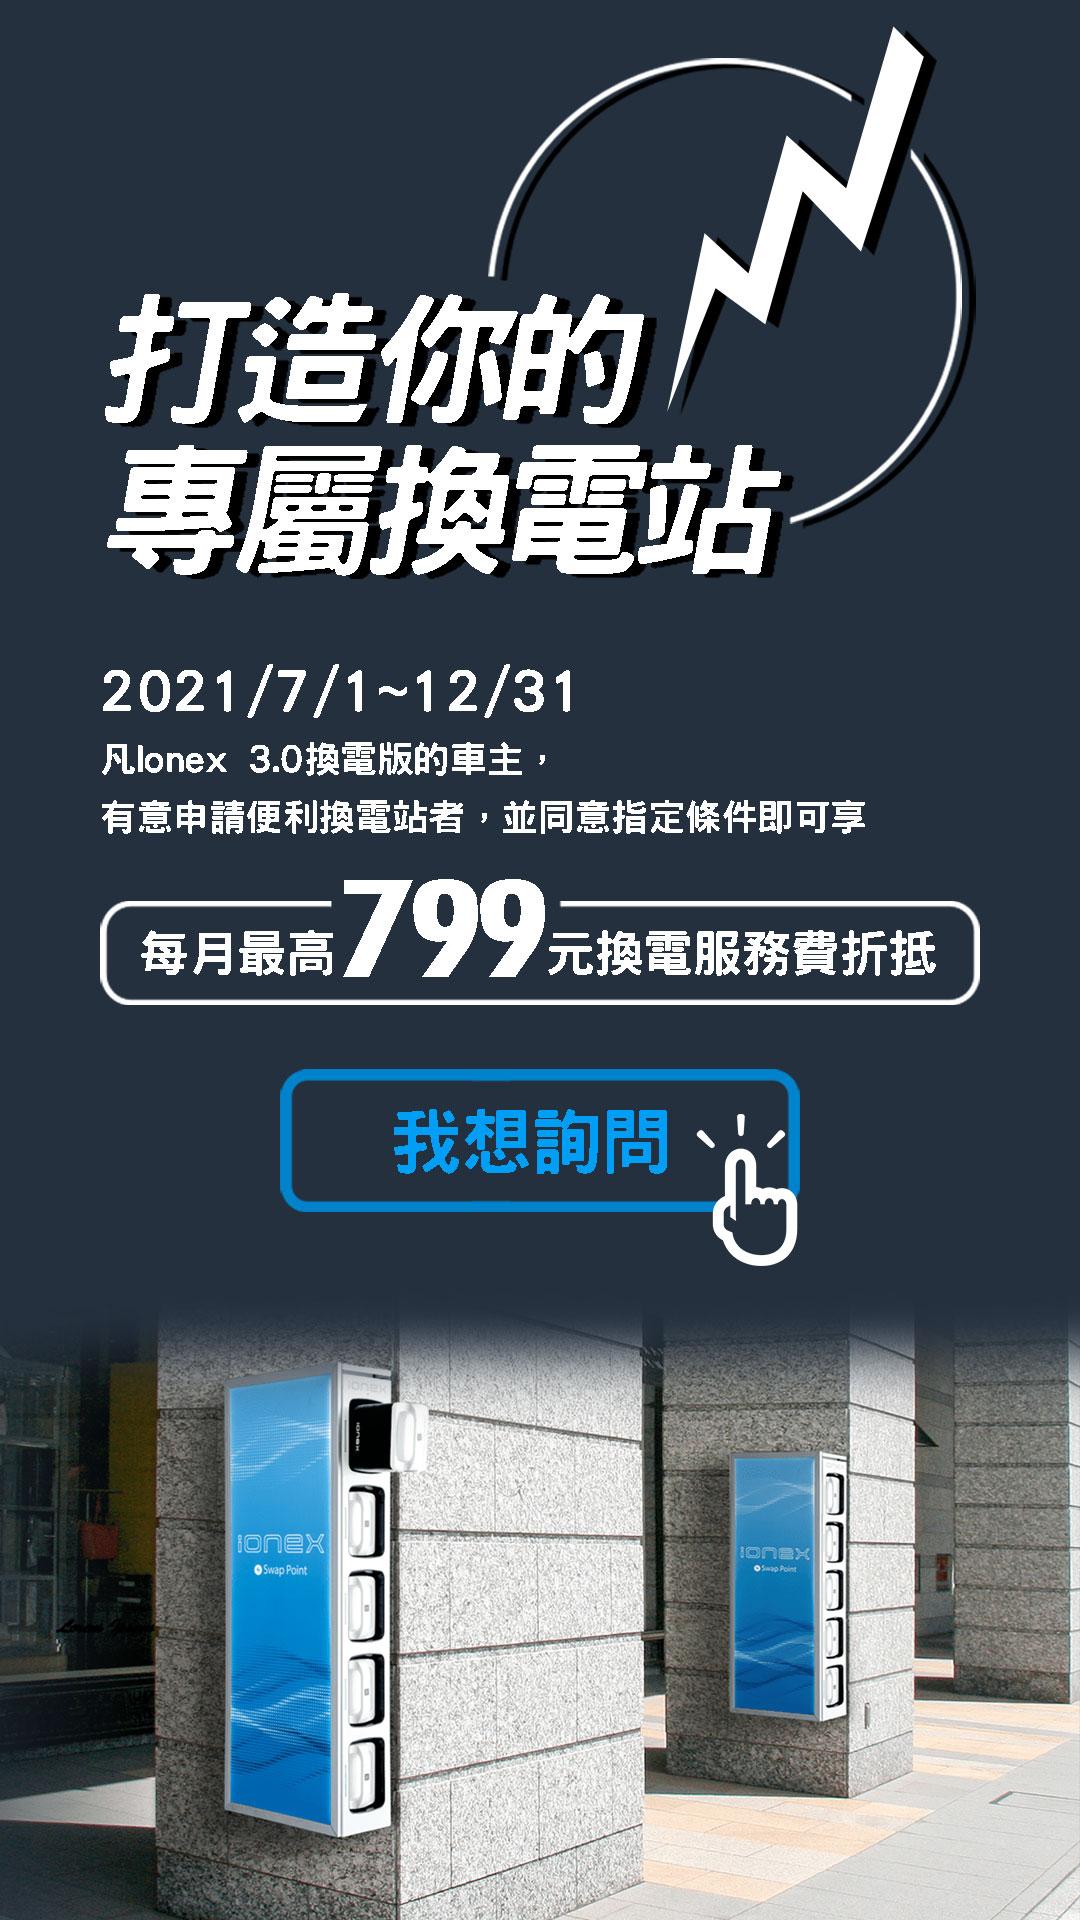 專屬換電站-mobile